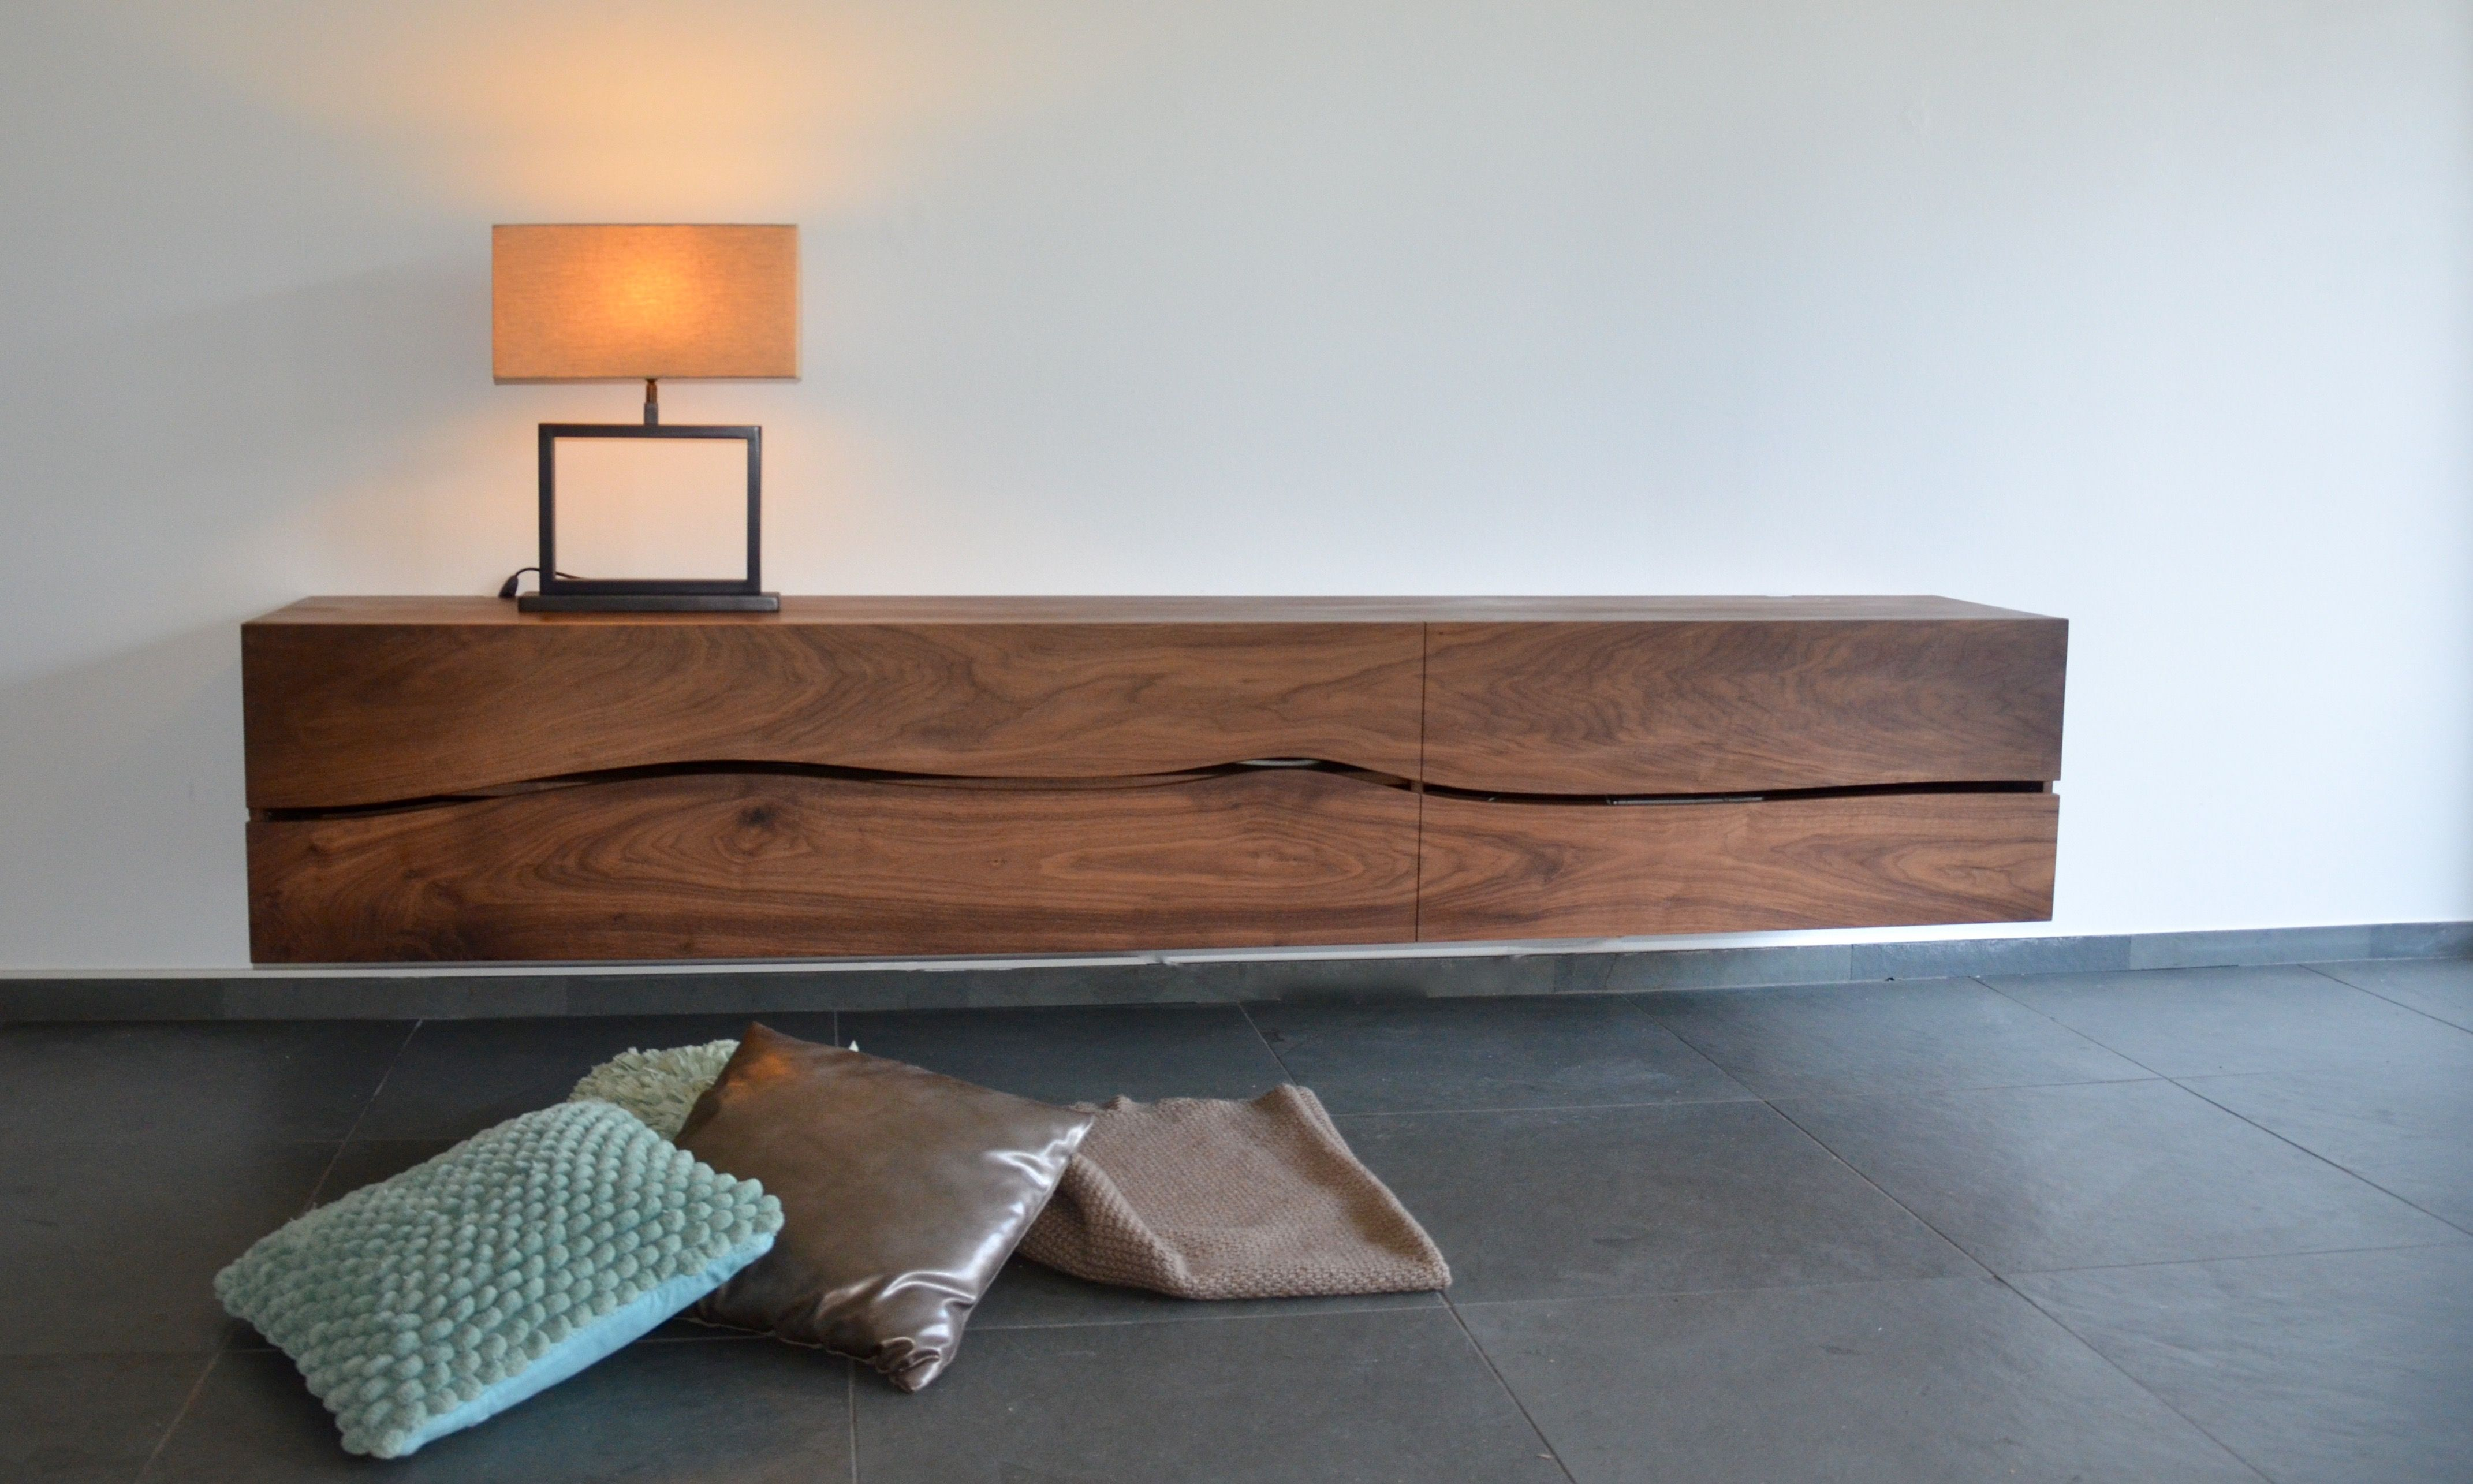 Vrijhangend tv meubel in massief notenhout van cm lang het